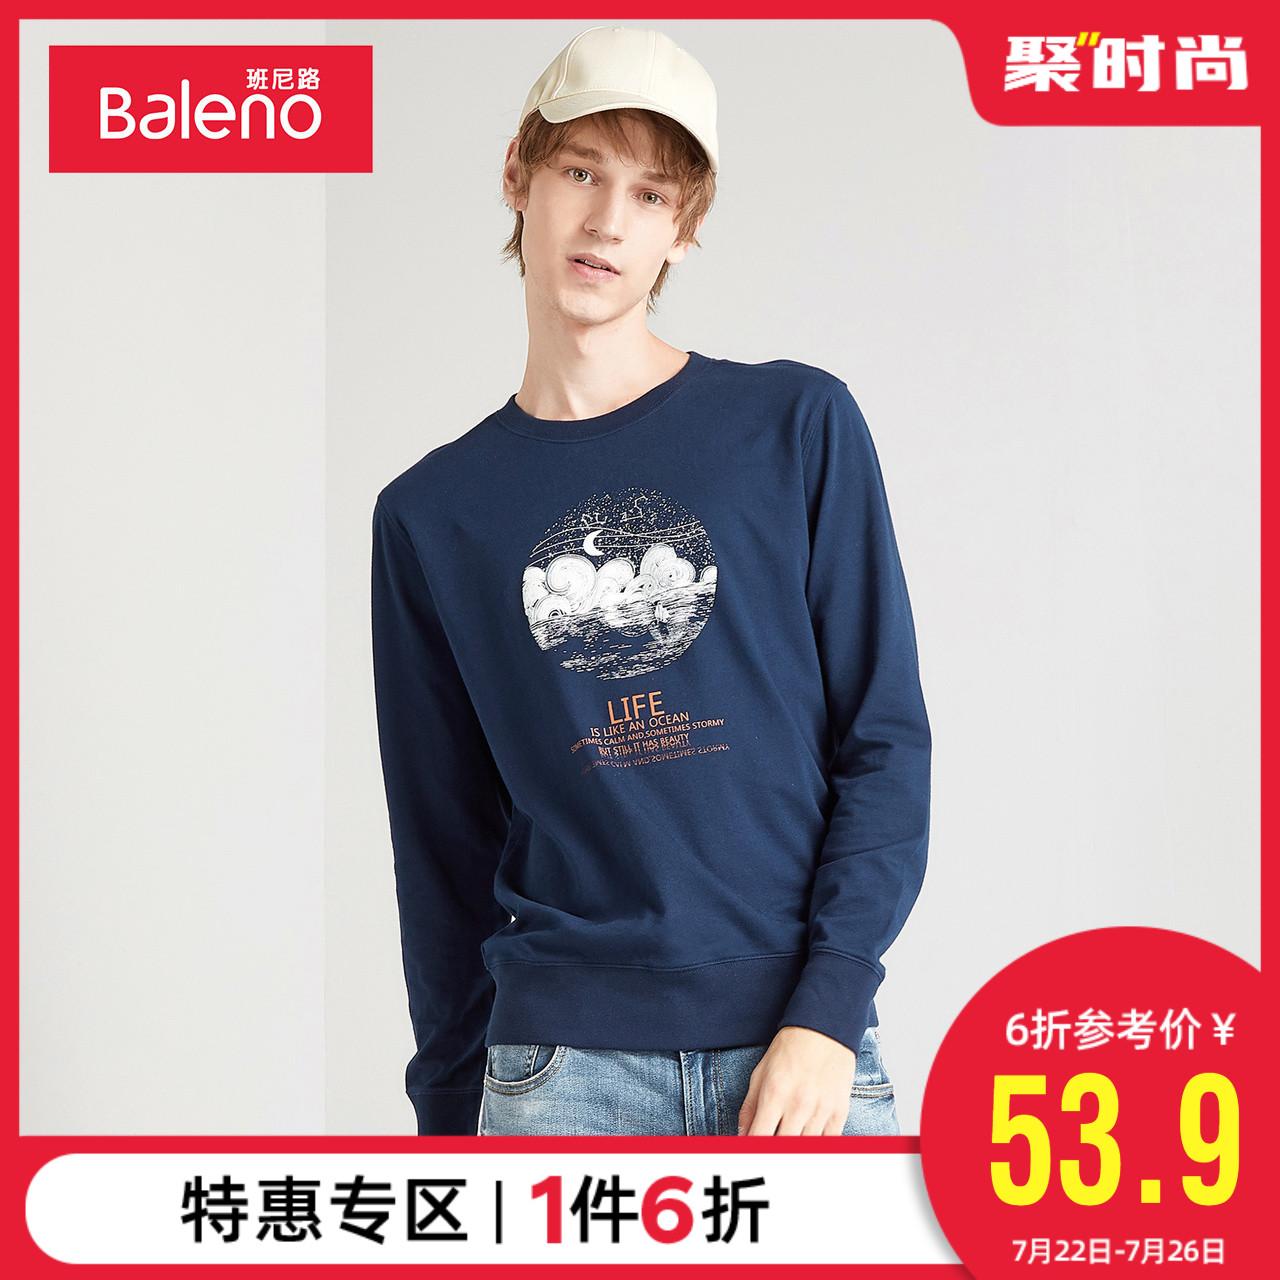 Áo len Baleno Baleno nam co giãn in cotton dài tay cổ tròn mùa thu và mùa đông áo khoác mỏng giản dị Z - Cao bồi